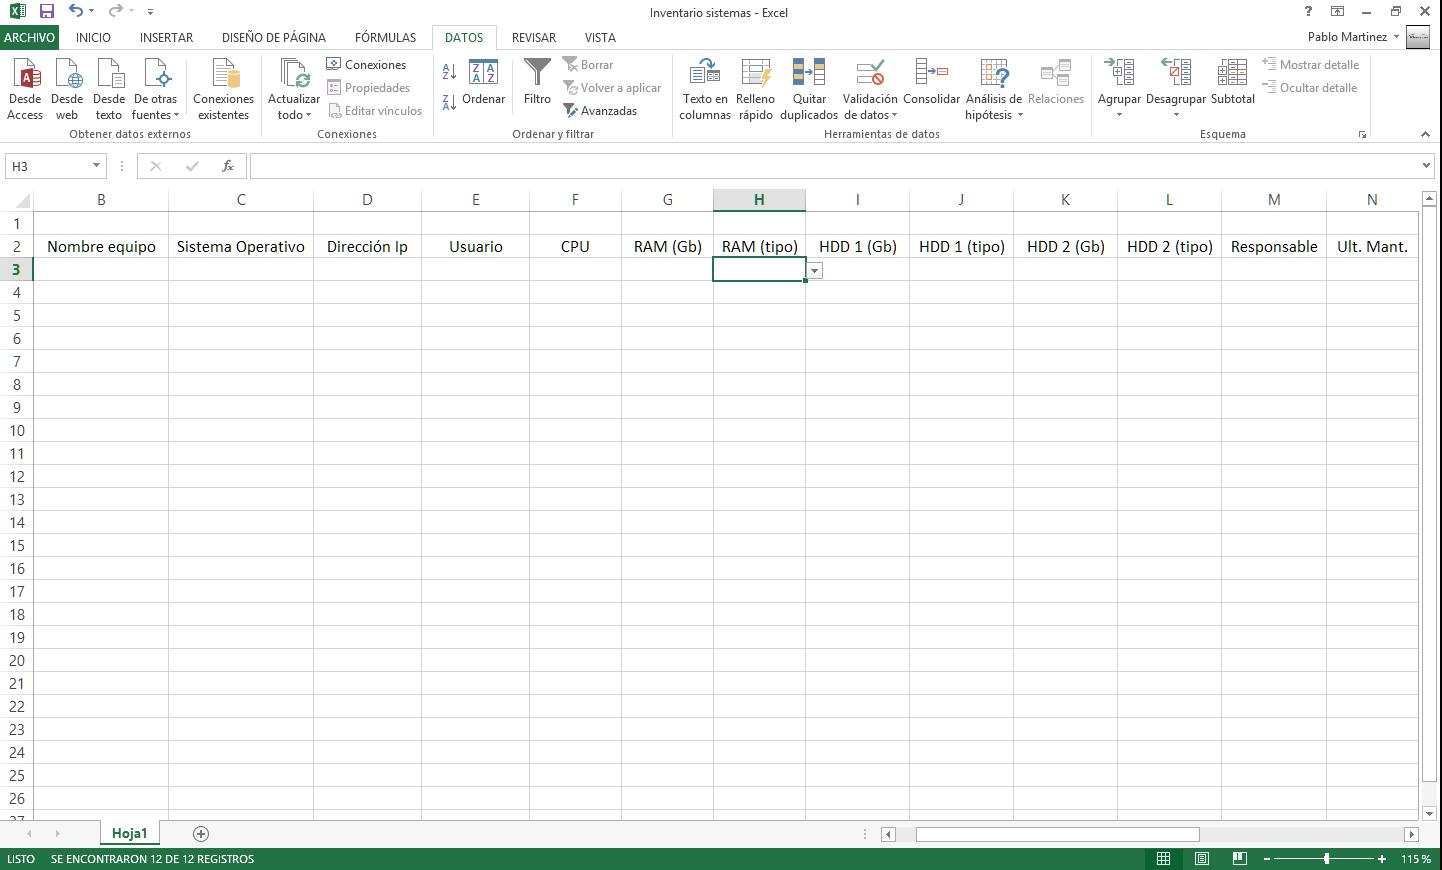 Excel para inventariado de equipos - ¿Quieres aportar?